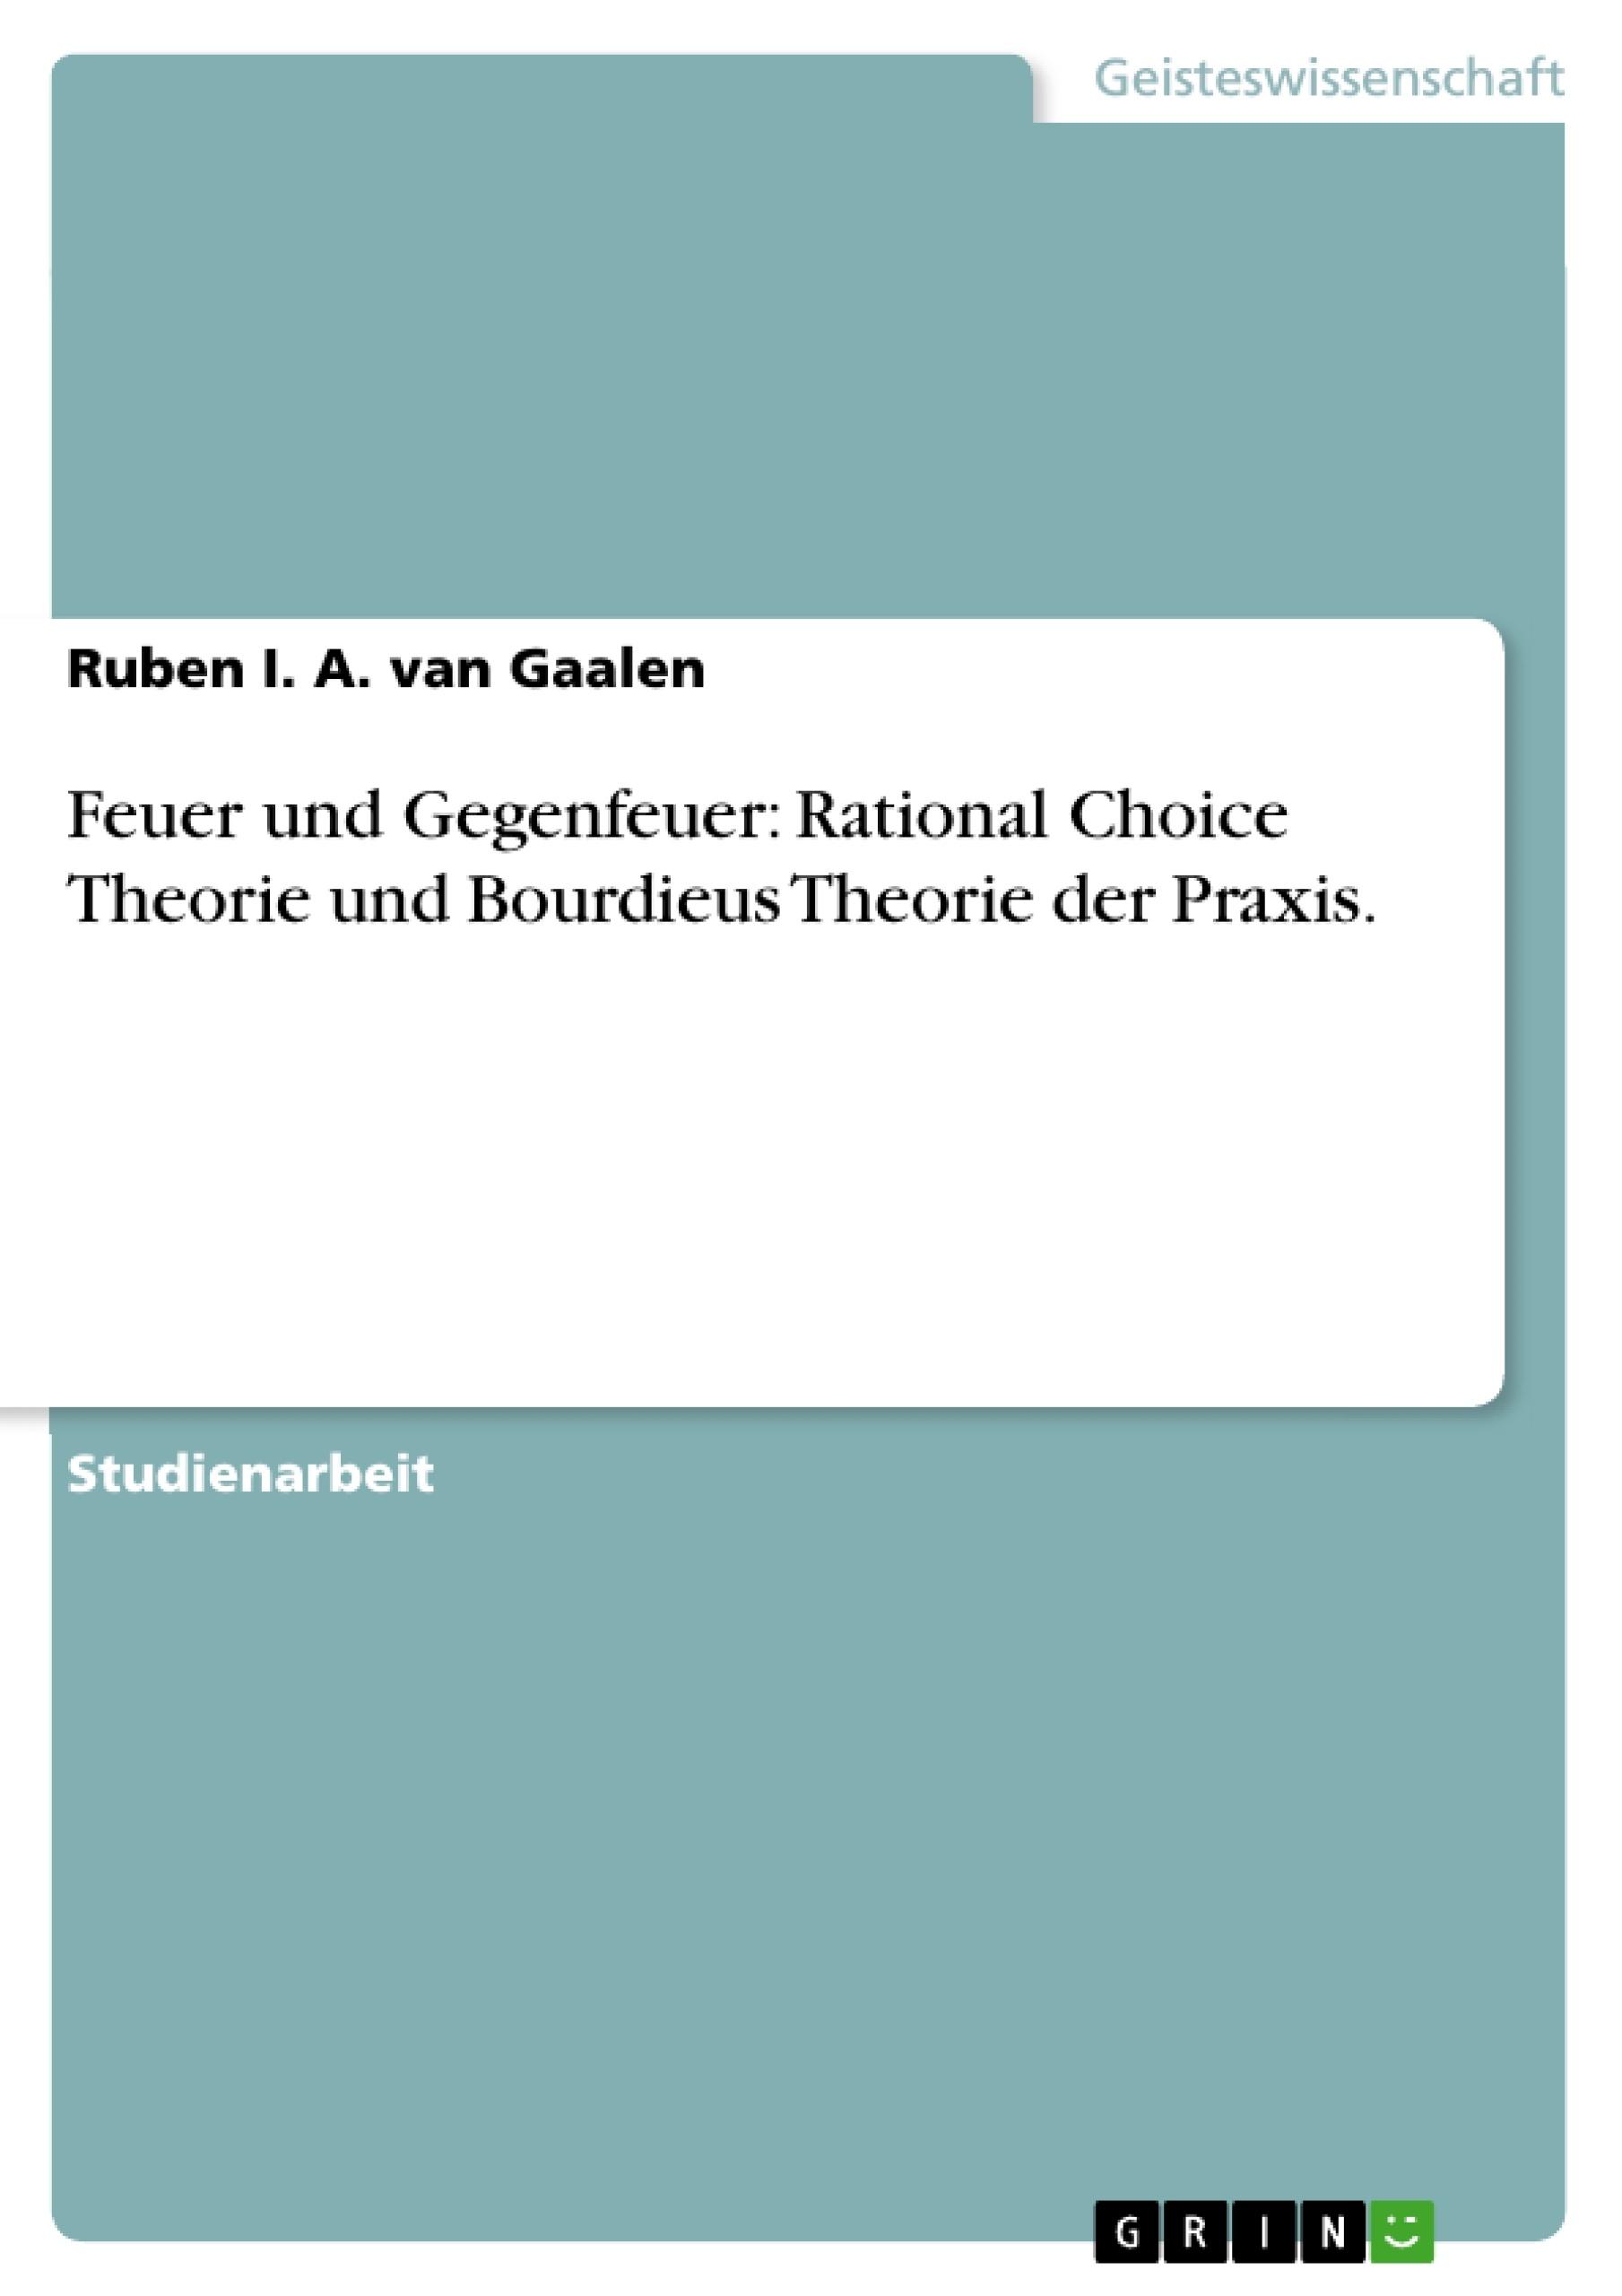 Titel: Feuer und Gegenfeuer: Rational Choice Theorie und Bourdieus Theorie der Praxis.